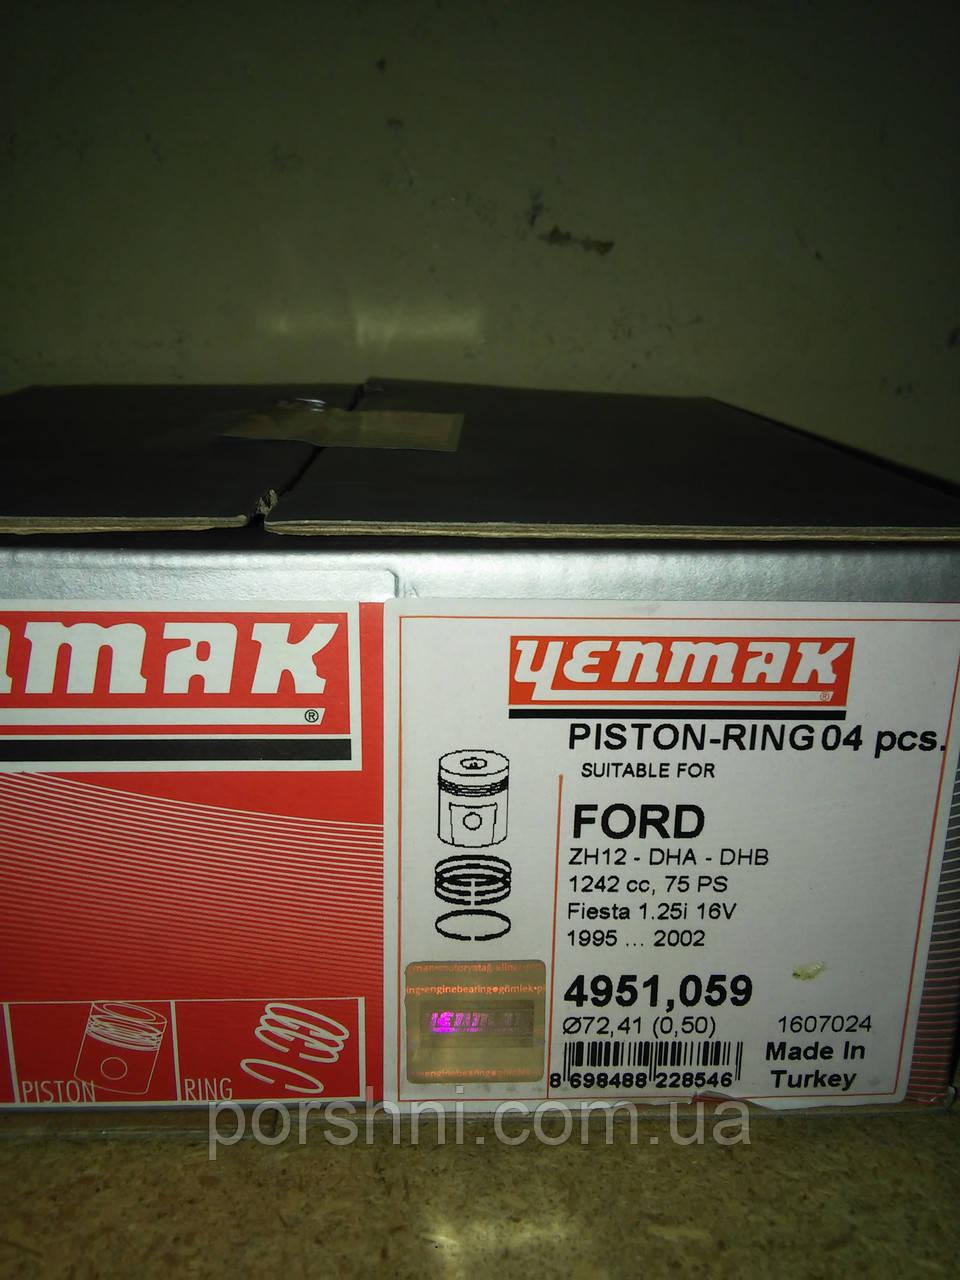 Поршни  72.4  Fiesta 1.25  2001 >  1.2 x 1.5 x 2.5 Enmak 4951059  с кольцами